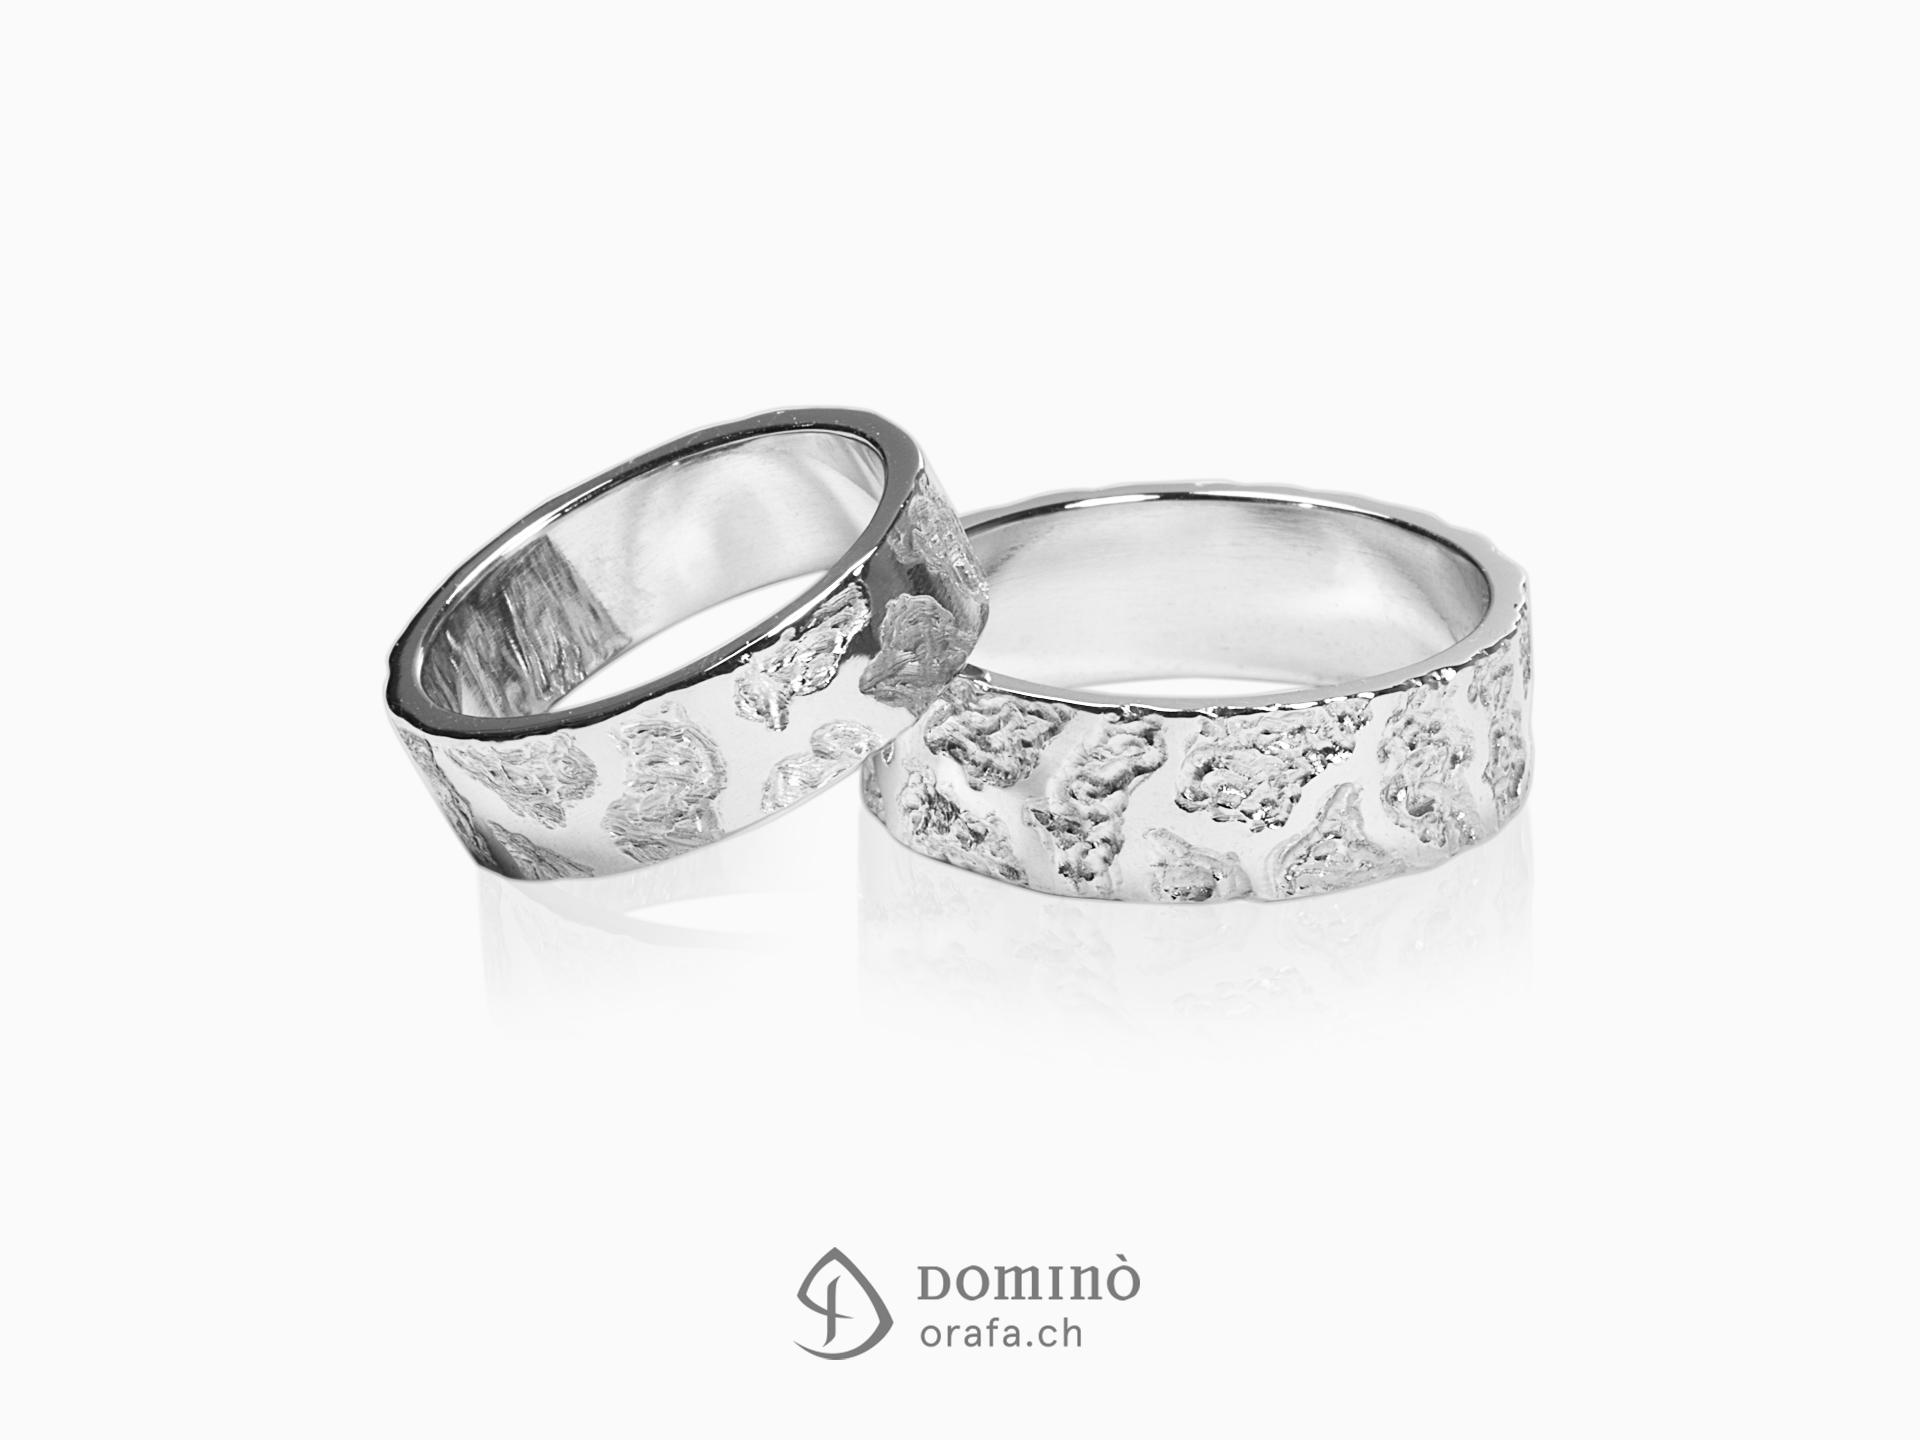 anelli-corteccia-lucido-irregolare-1